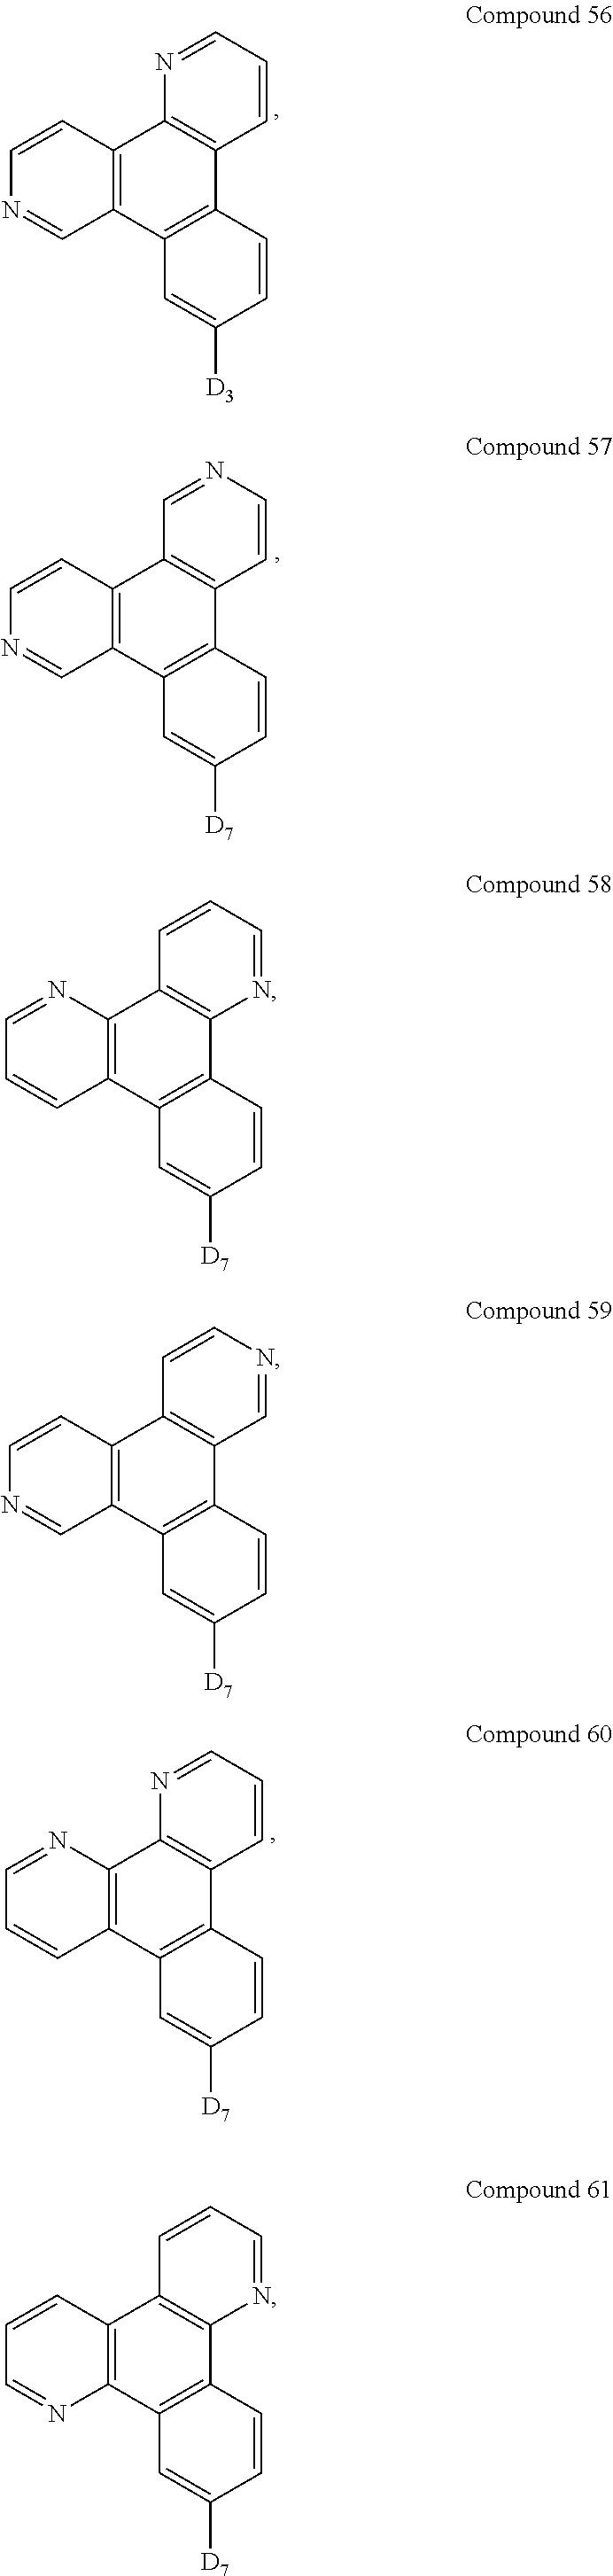 Figure US09537106-20170103-C00597